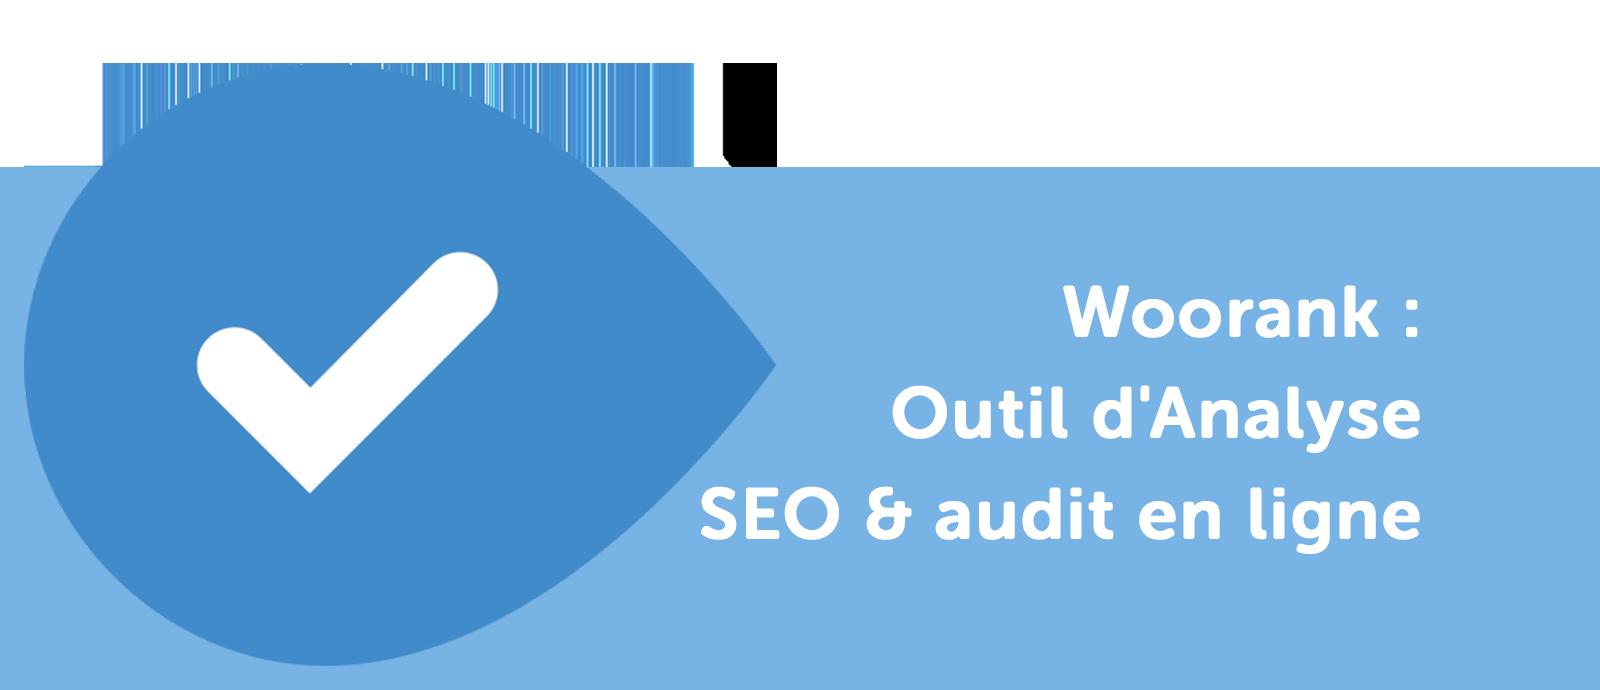 Woorank : Outil d'Analyse SEO et audit en ligne